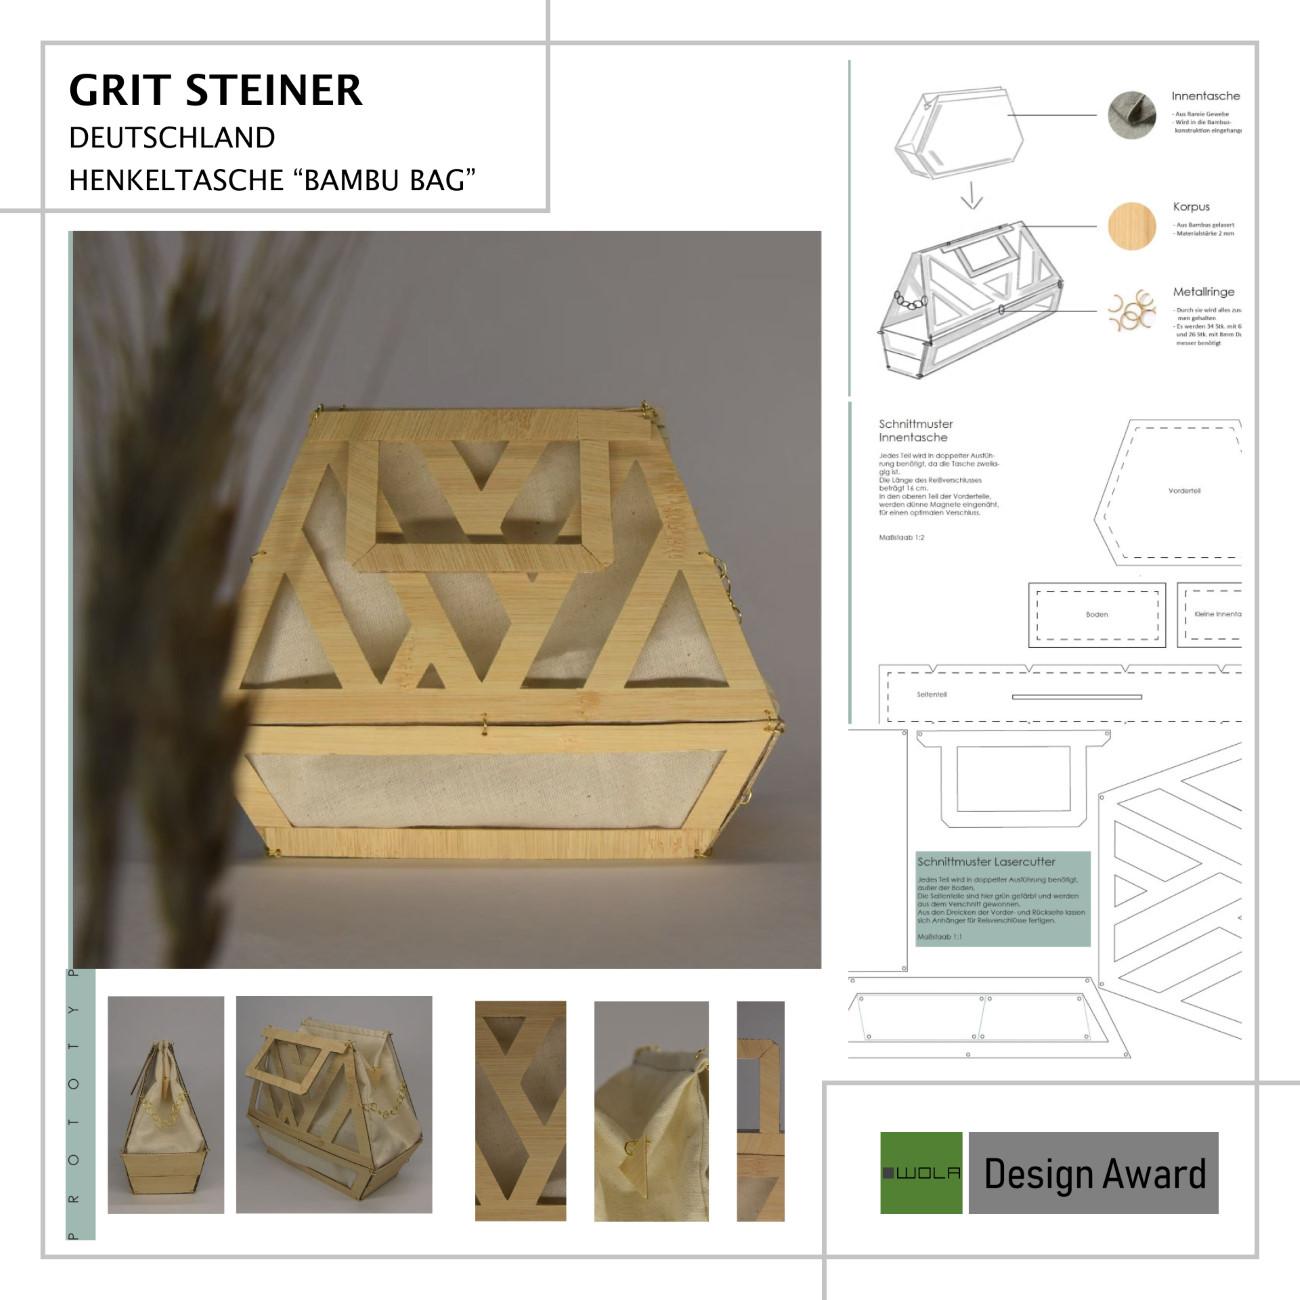 Beitrag Design Award -GRIT STEINER-9